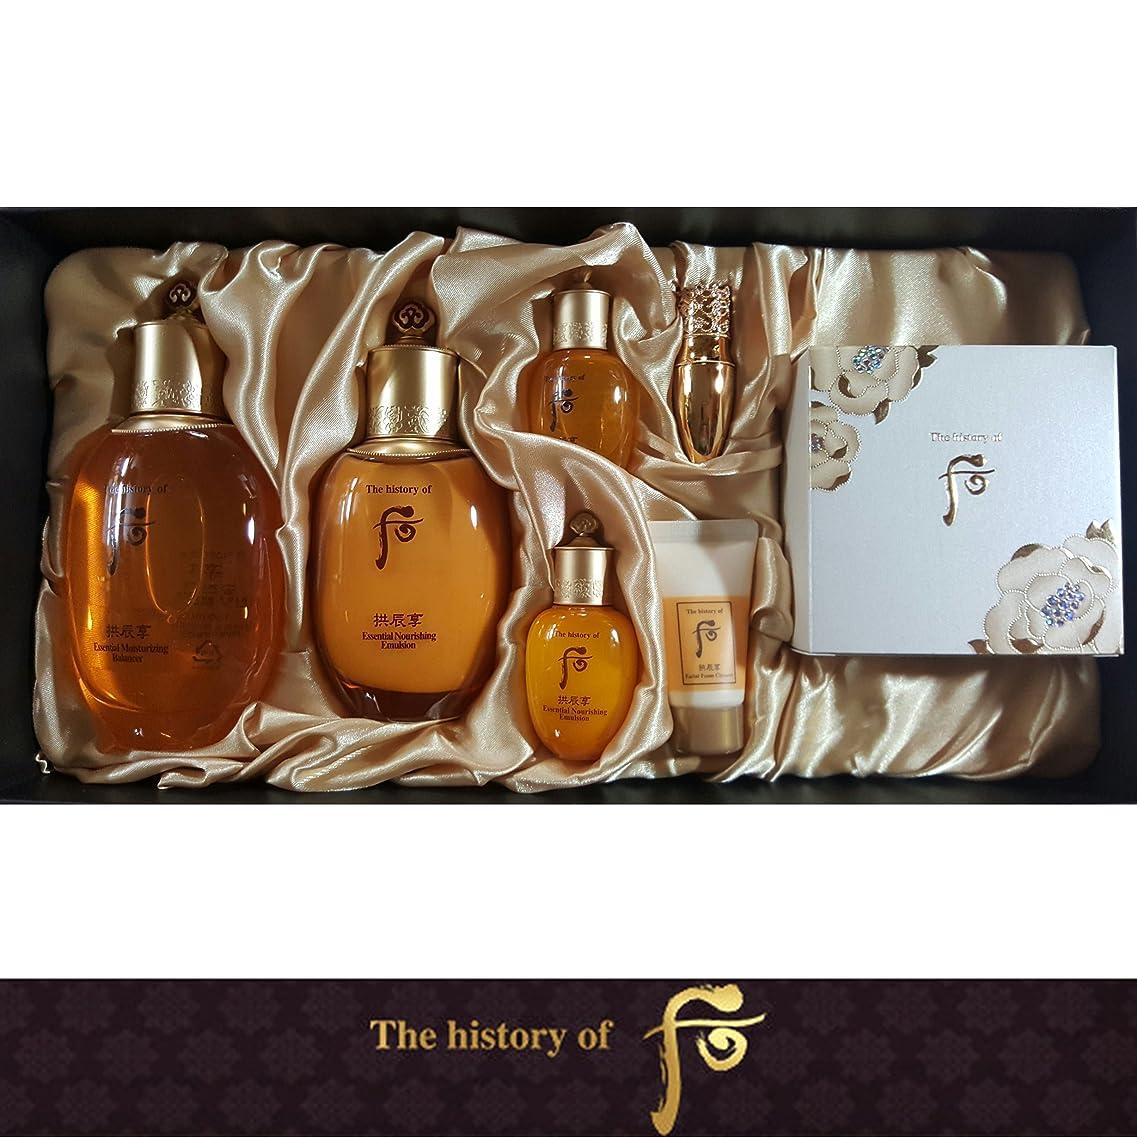 メイン別れる刺激する[The History Of Whoo] Whoo 后(フー) Gongjinhyang Royal Court Inyang 3EA ゴンジンヒャン Special Set/宮廷セット 引き揚げ 3種 のスペシャル 3種セット[海外直送品]